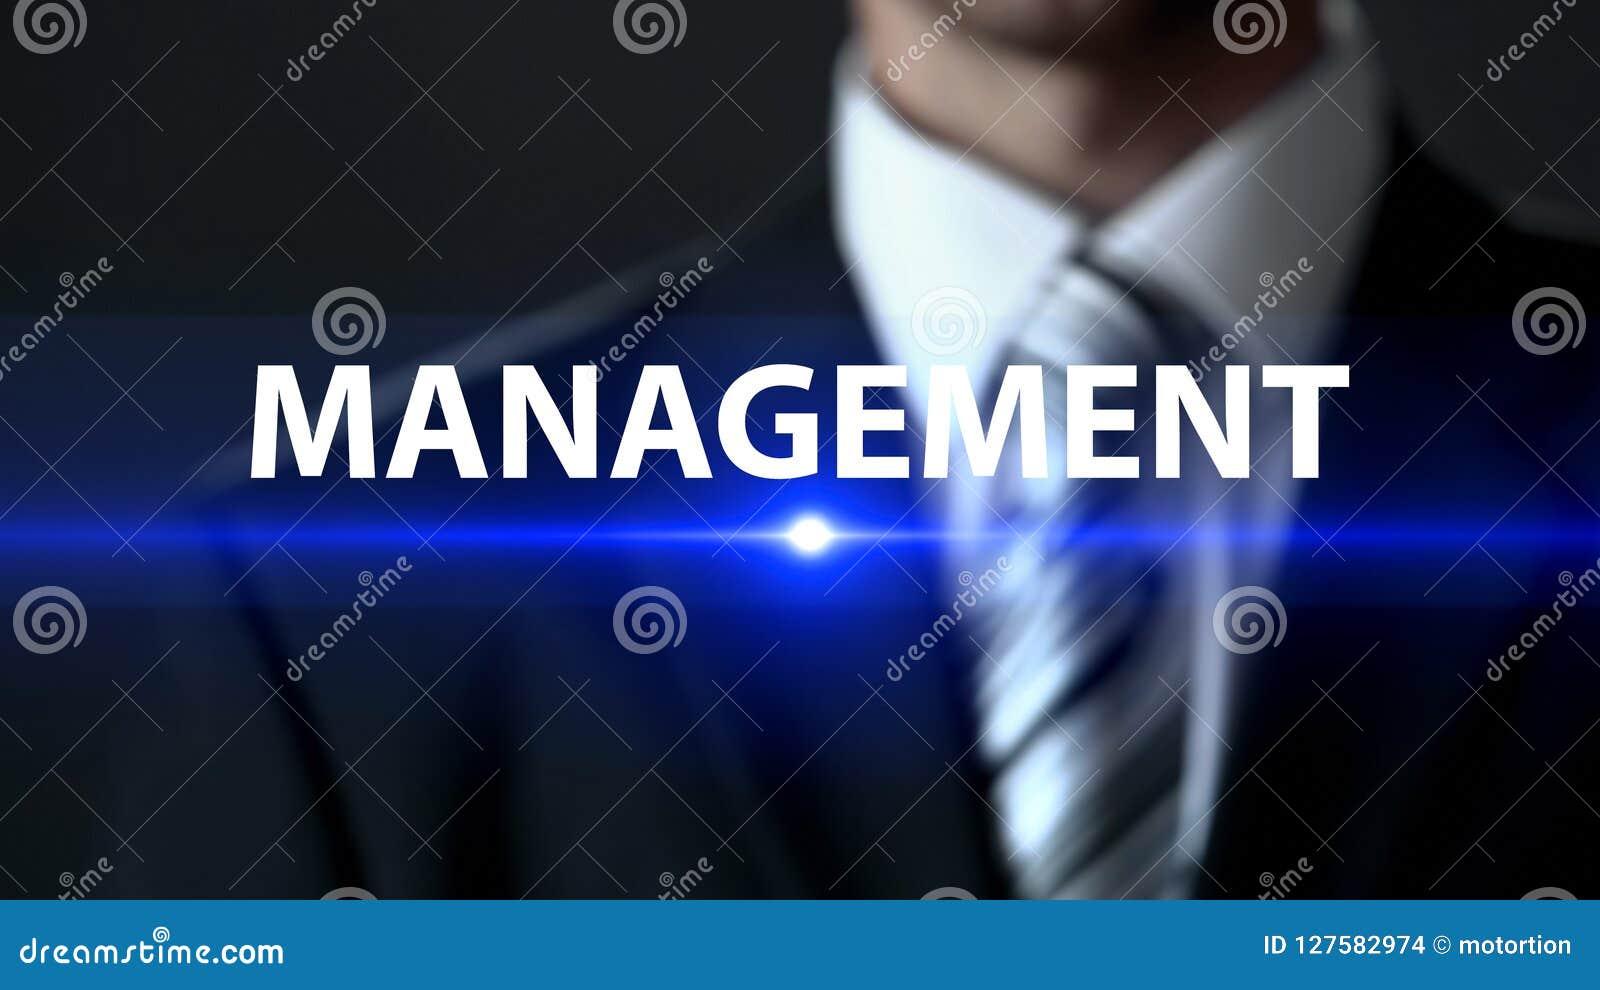 Zarządzanie, samiec w kostium pozyci przed ekranem, strategia biznesowa, firma